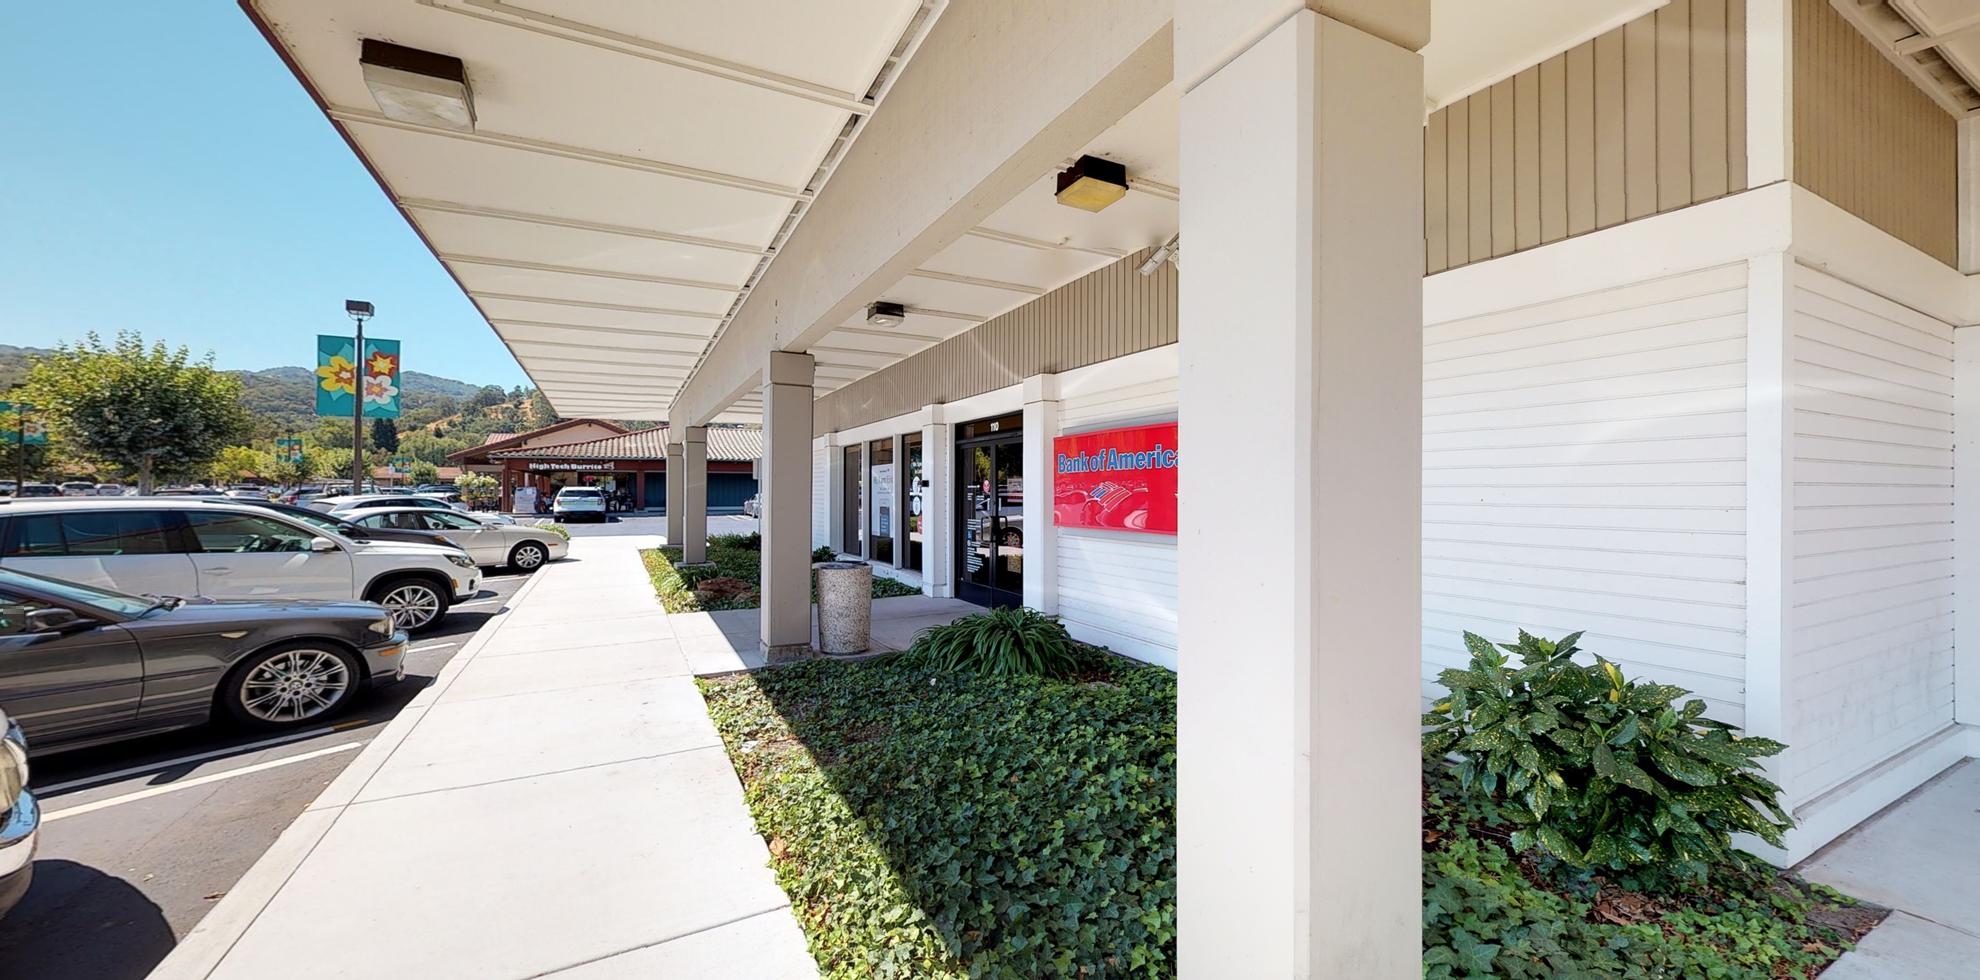 Bank of America financial center with drive-thru ATM | 110 Alamo Plz, Alamo, CA 94507